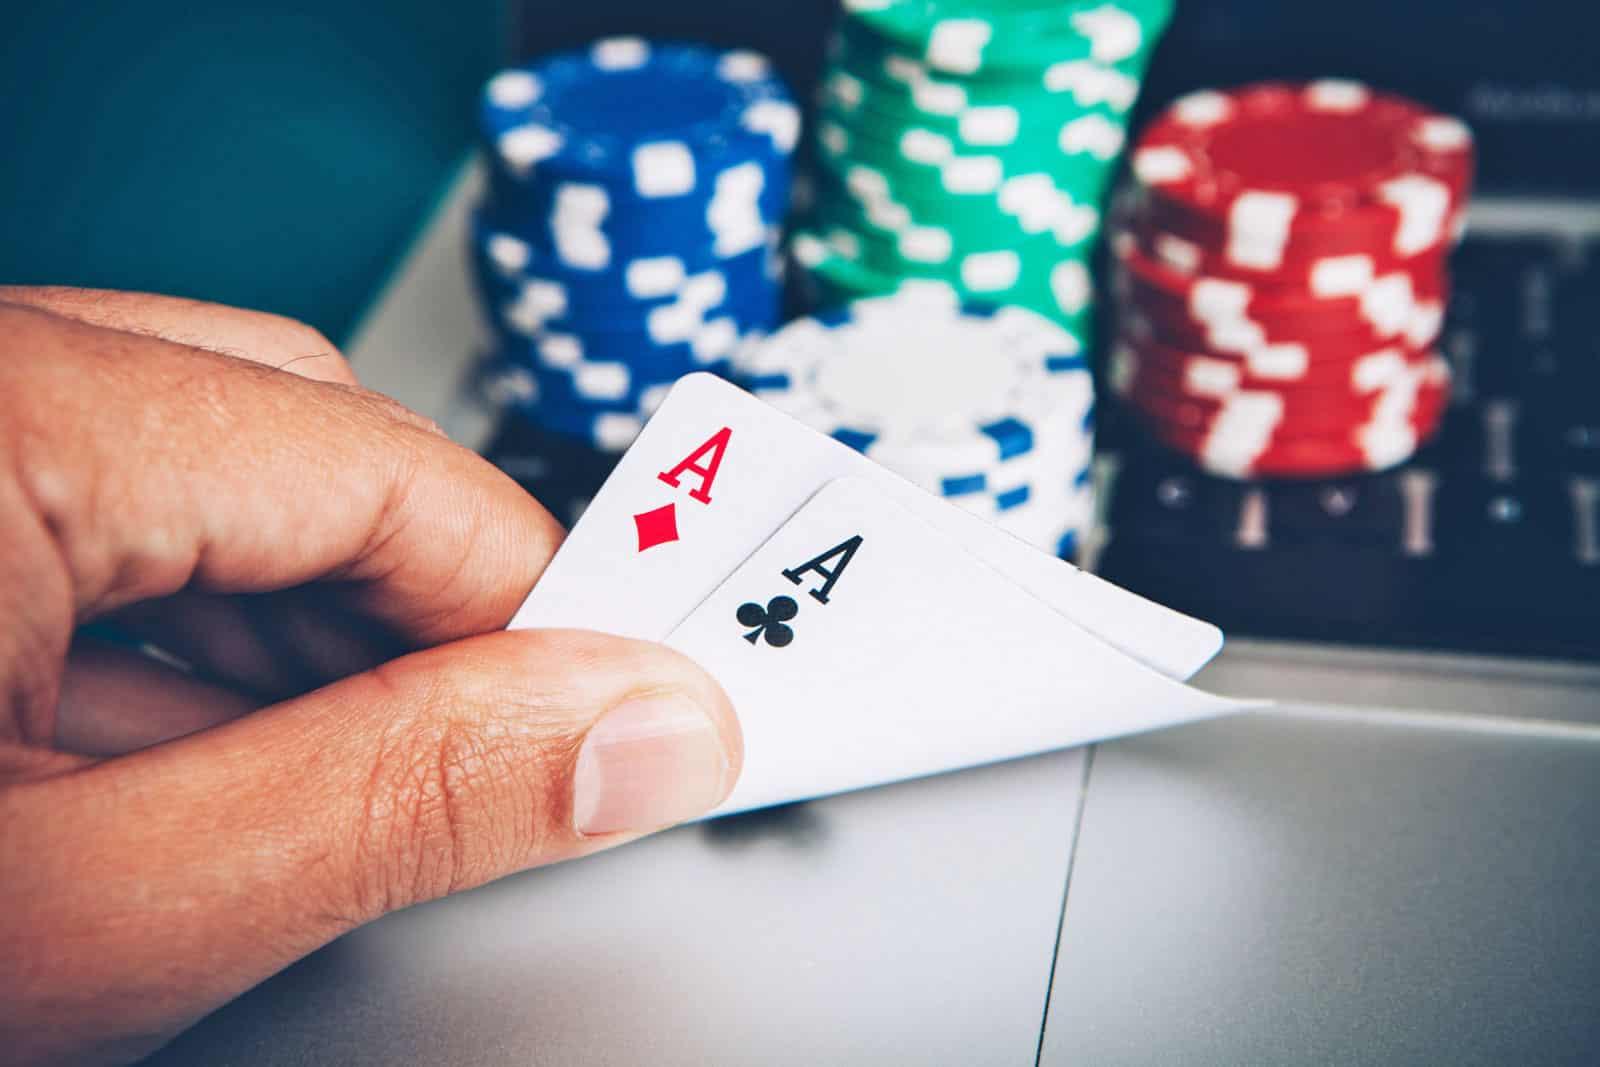 kinh nghiem choi blackjack tuyet dinh - hinh 2